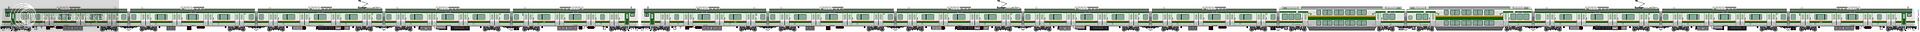 [5560] 東日本旅客鉄道 1960